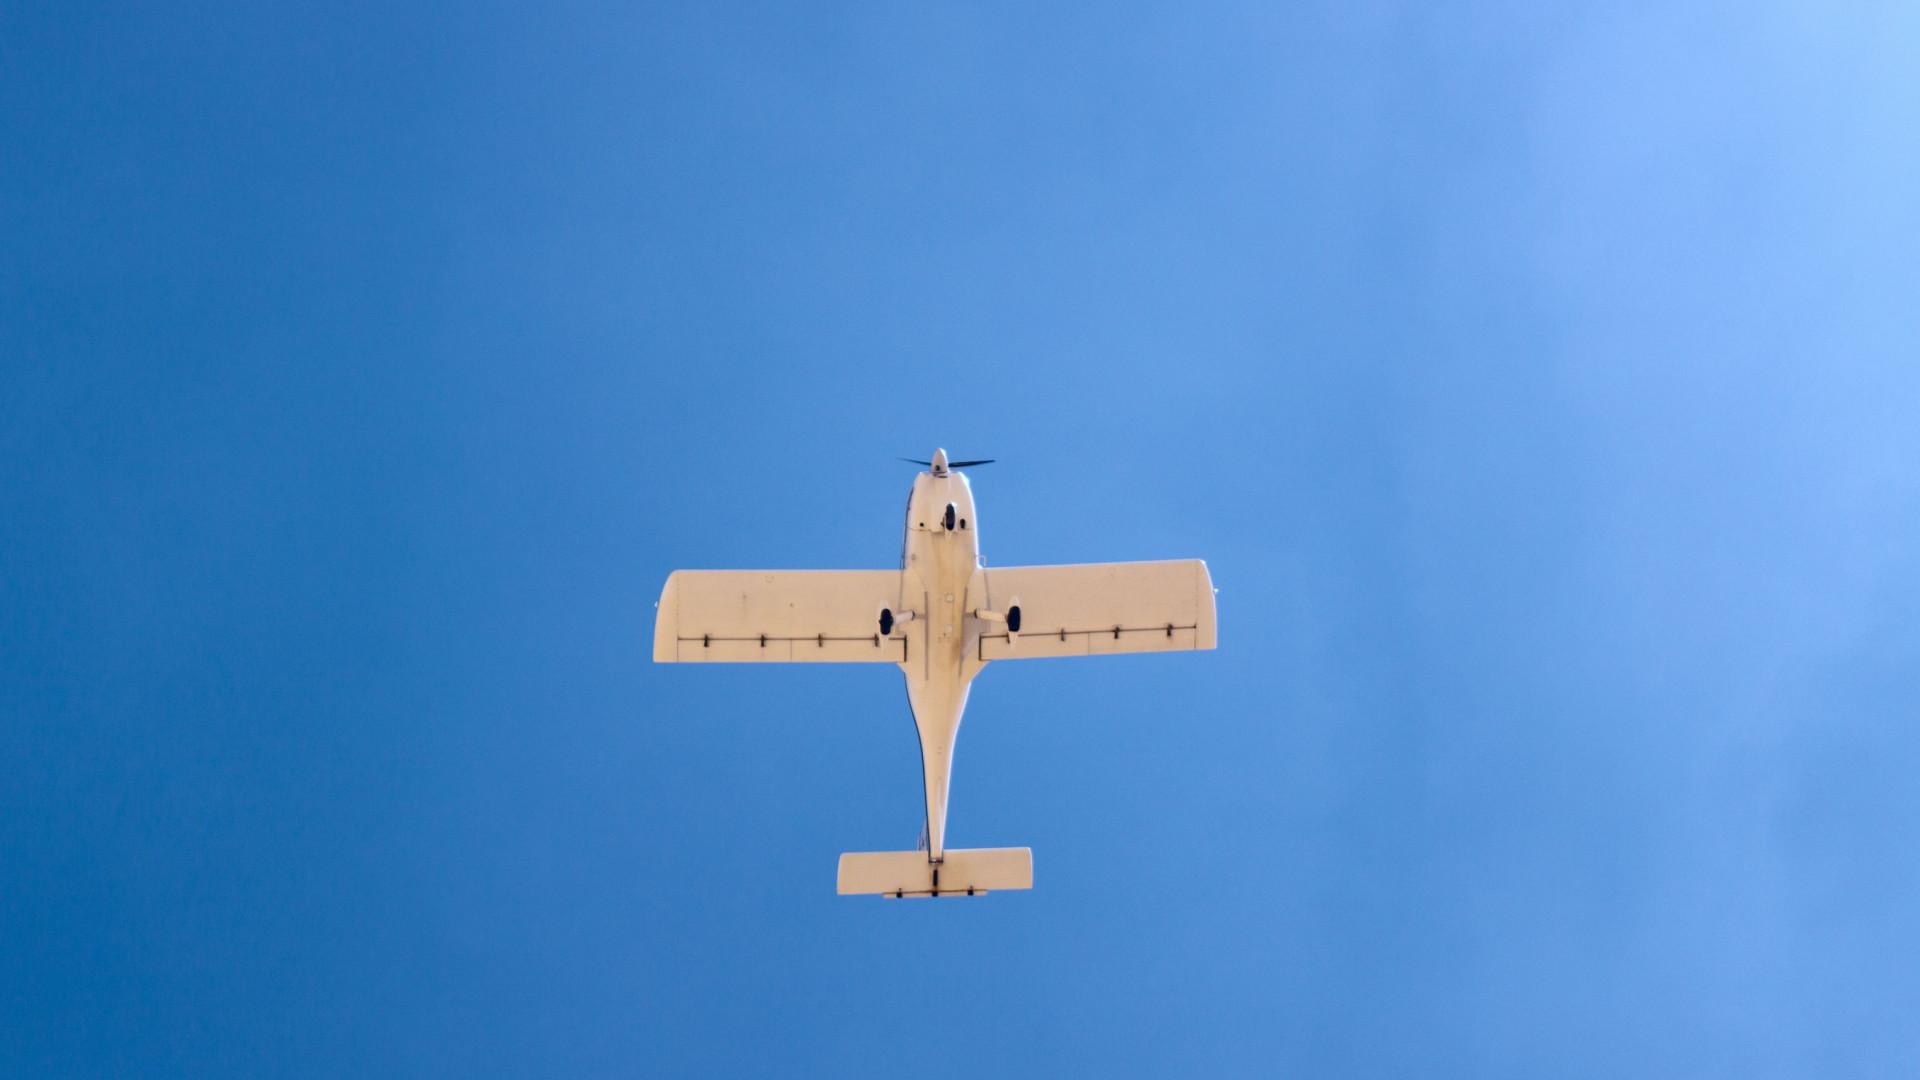 Avioneta forçada a aterragem de emergência no Air Summit em Ponte de Sor